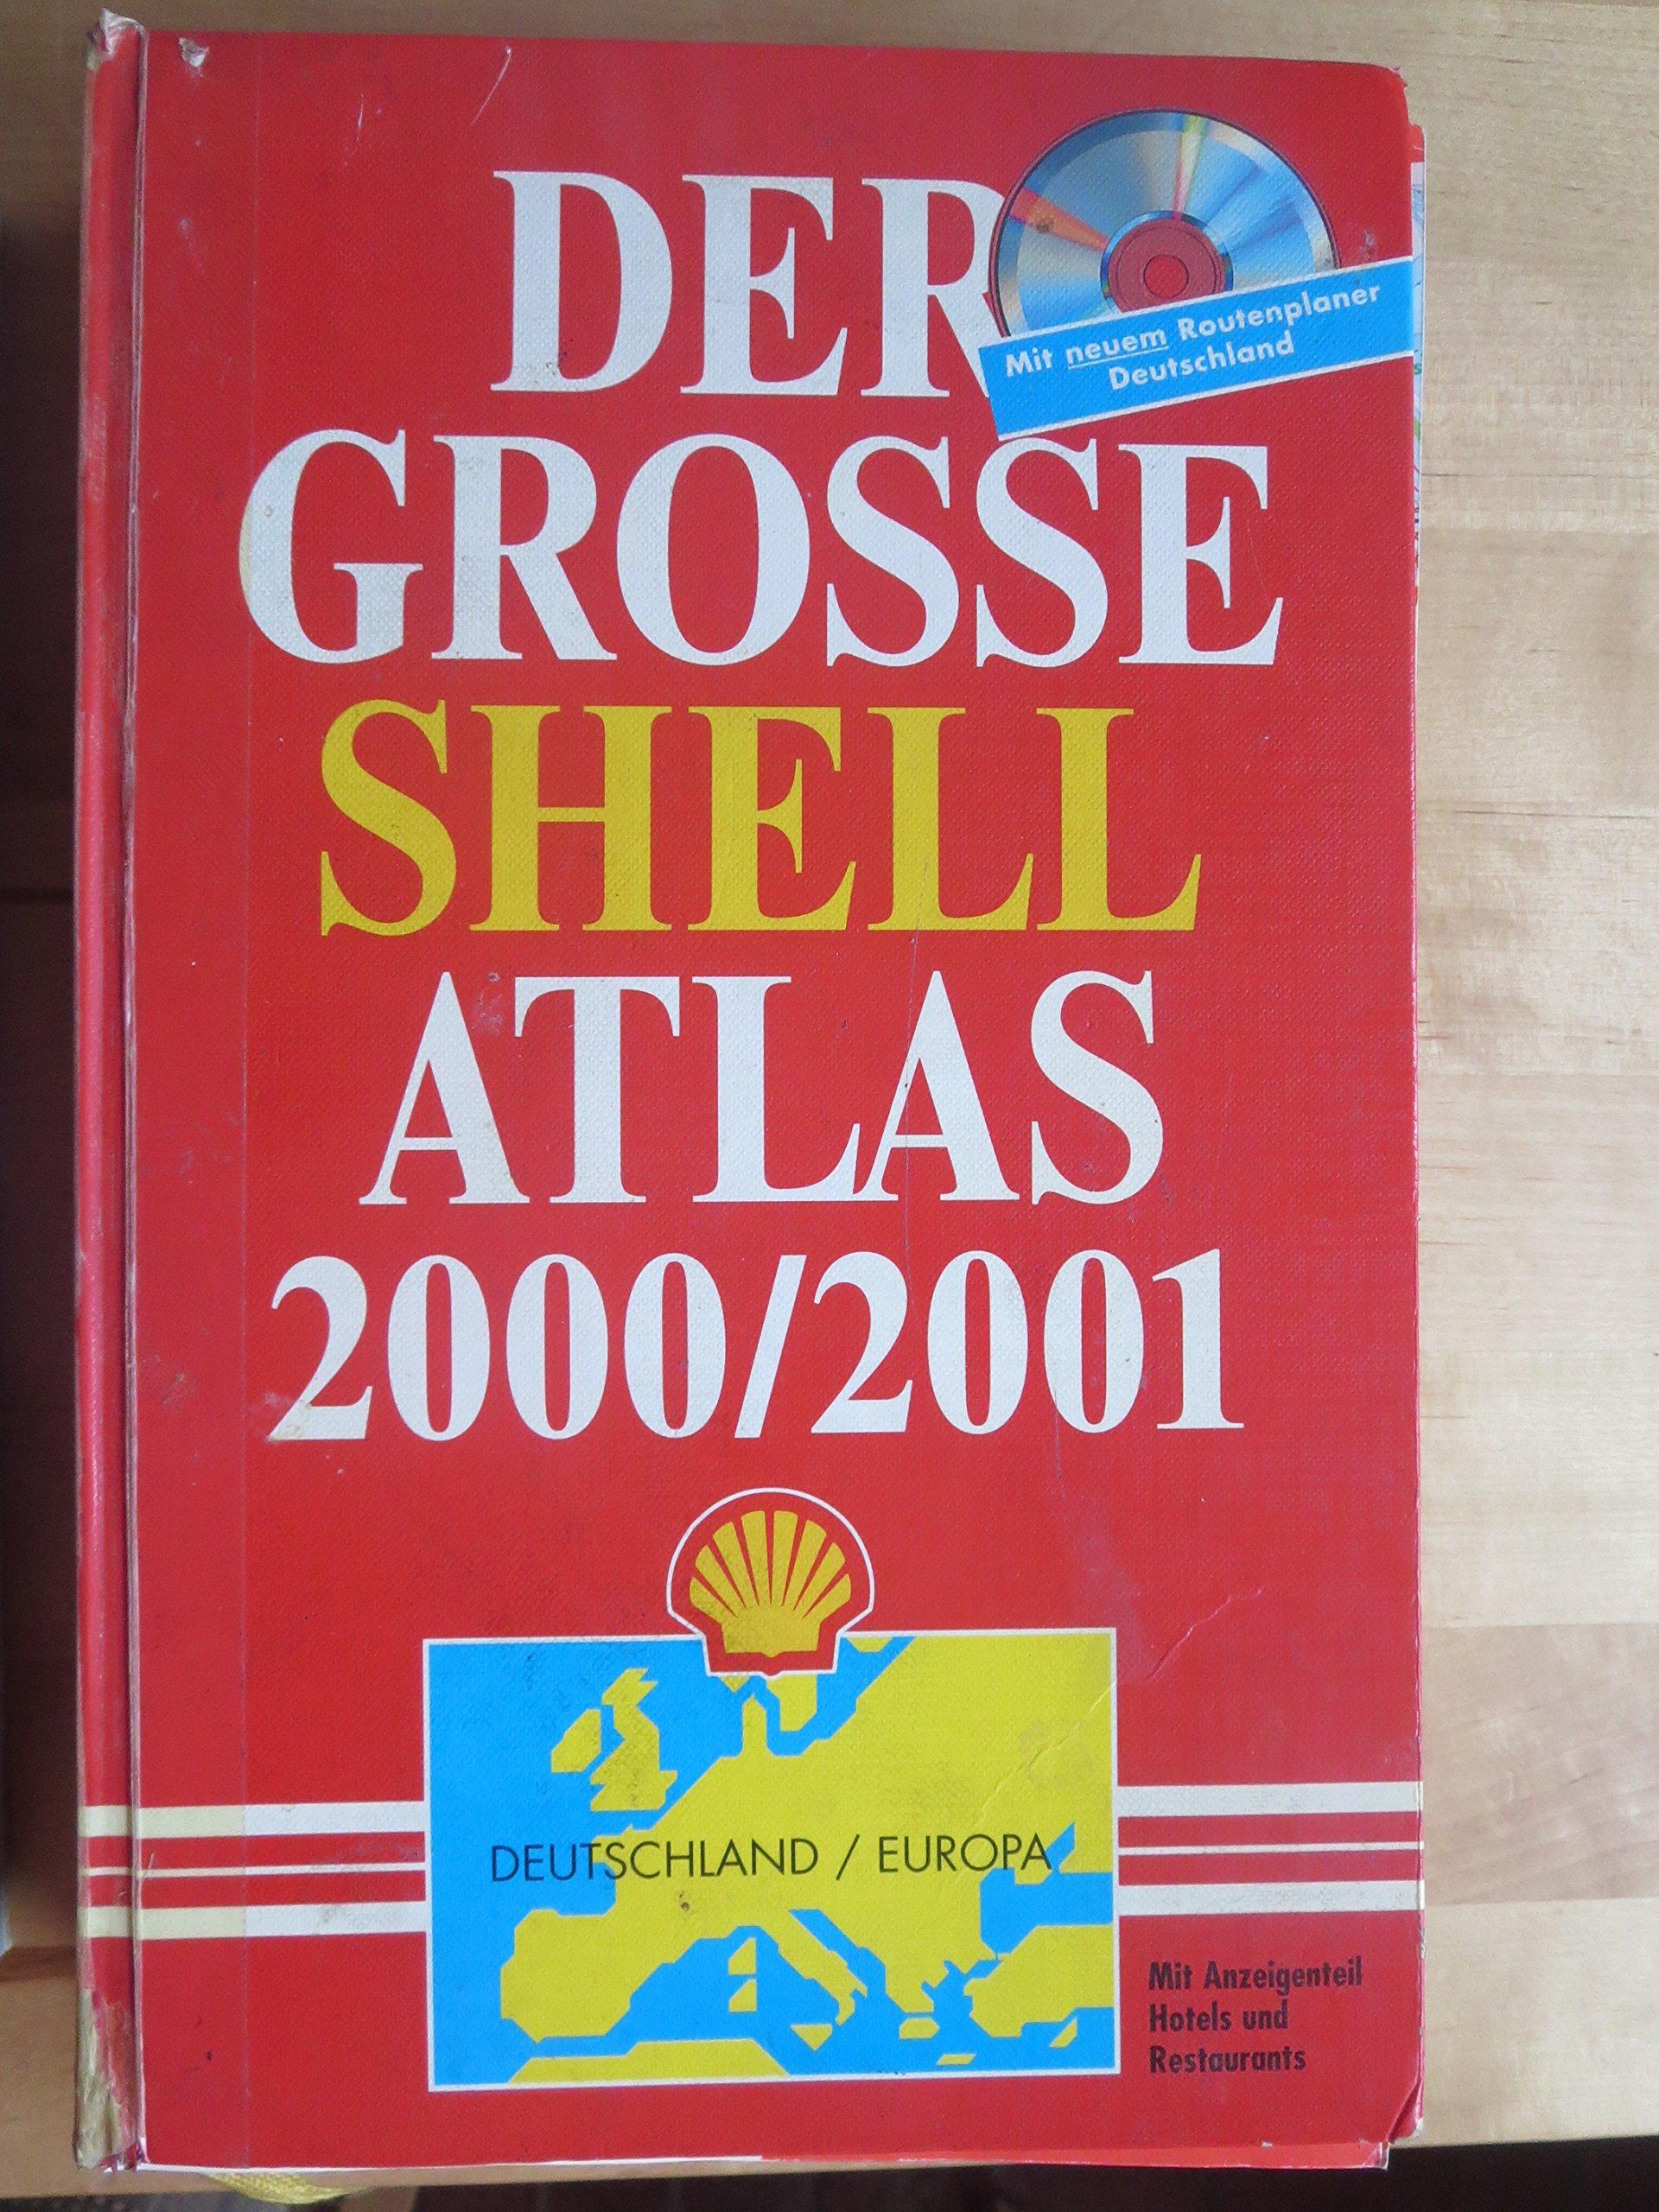 Der grosse Shell Atlas 2000/2001 Deutschland / Europa,